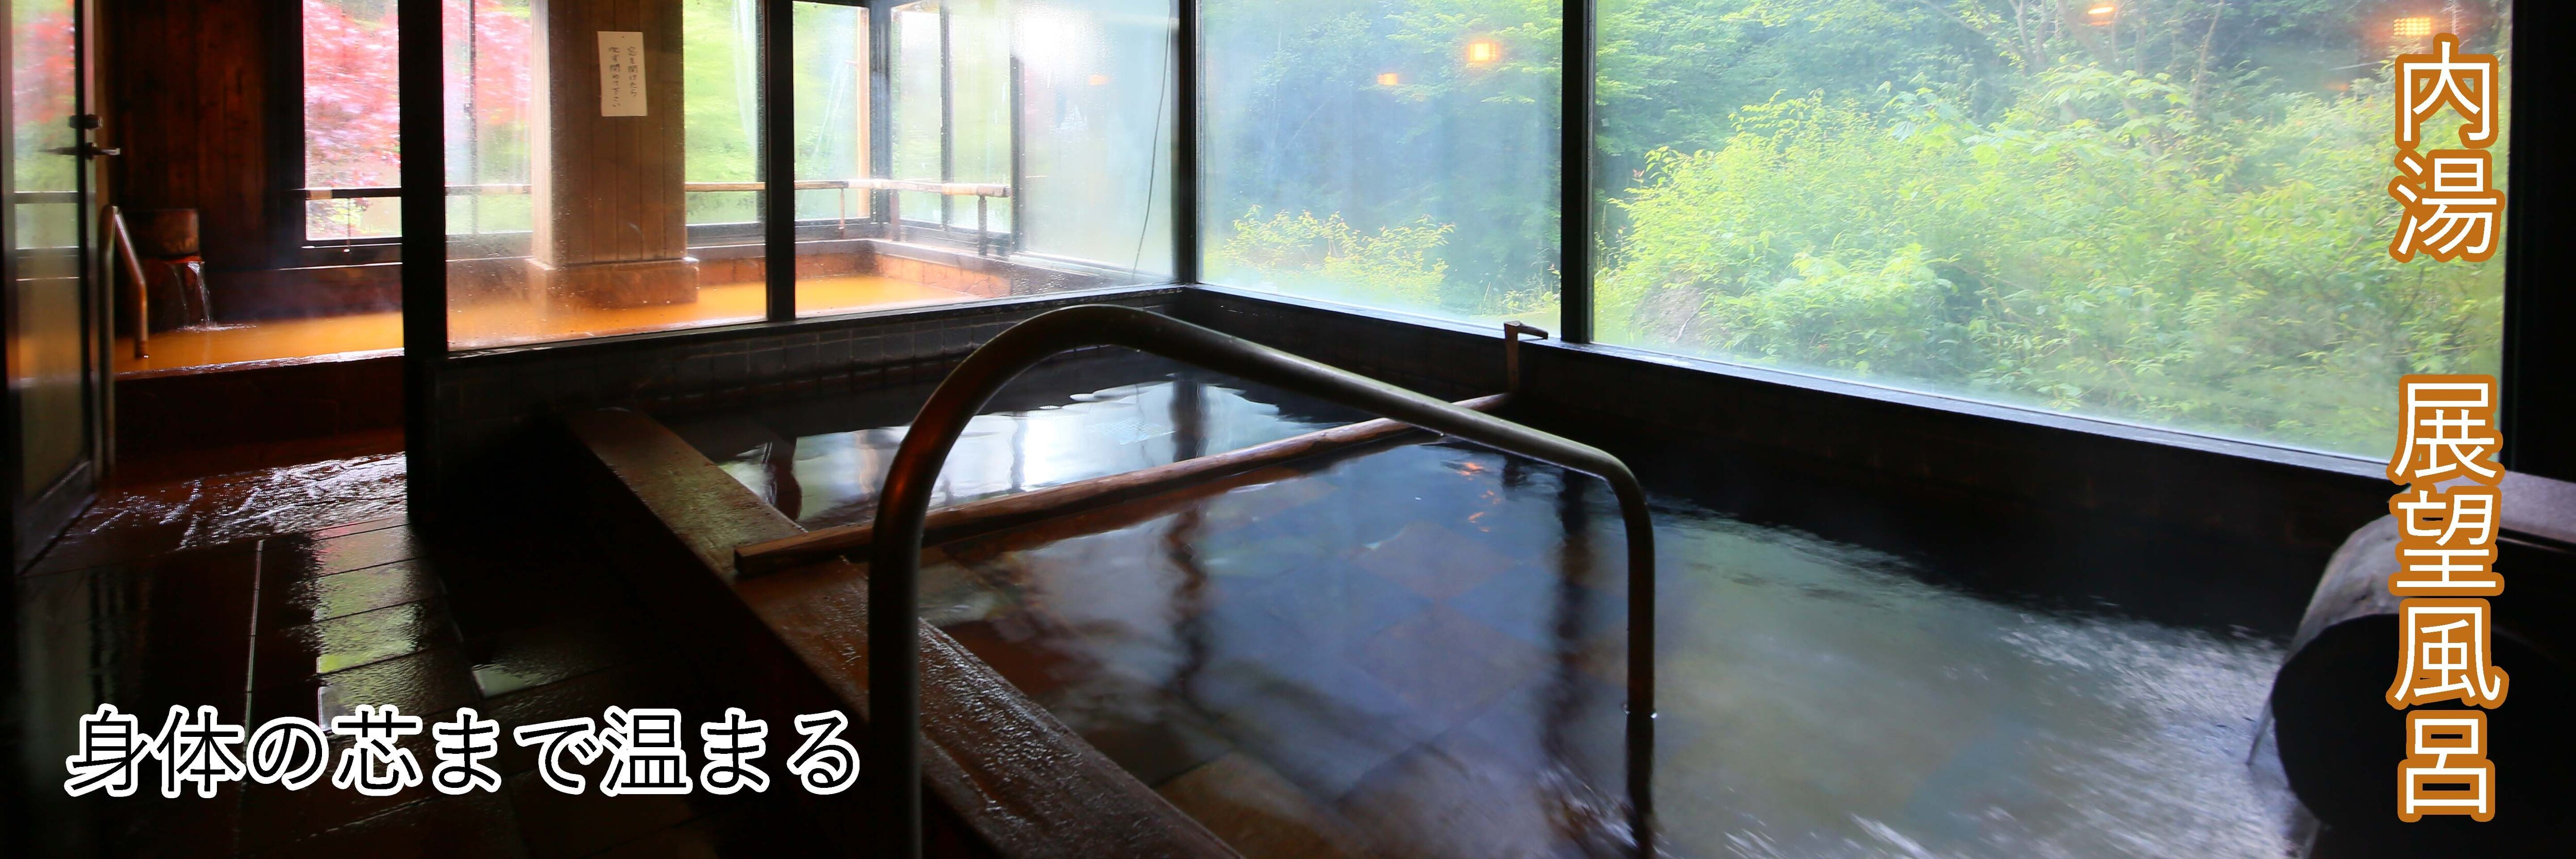 長野県茅野市|信州|奥蓼科温泉郷|日帰り温泉入浴|滝を望む山間の一軒宿|山の宿 明治温泉